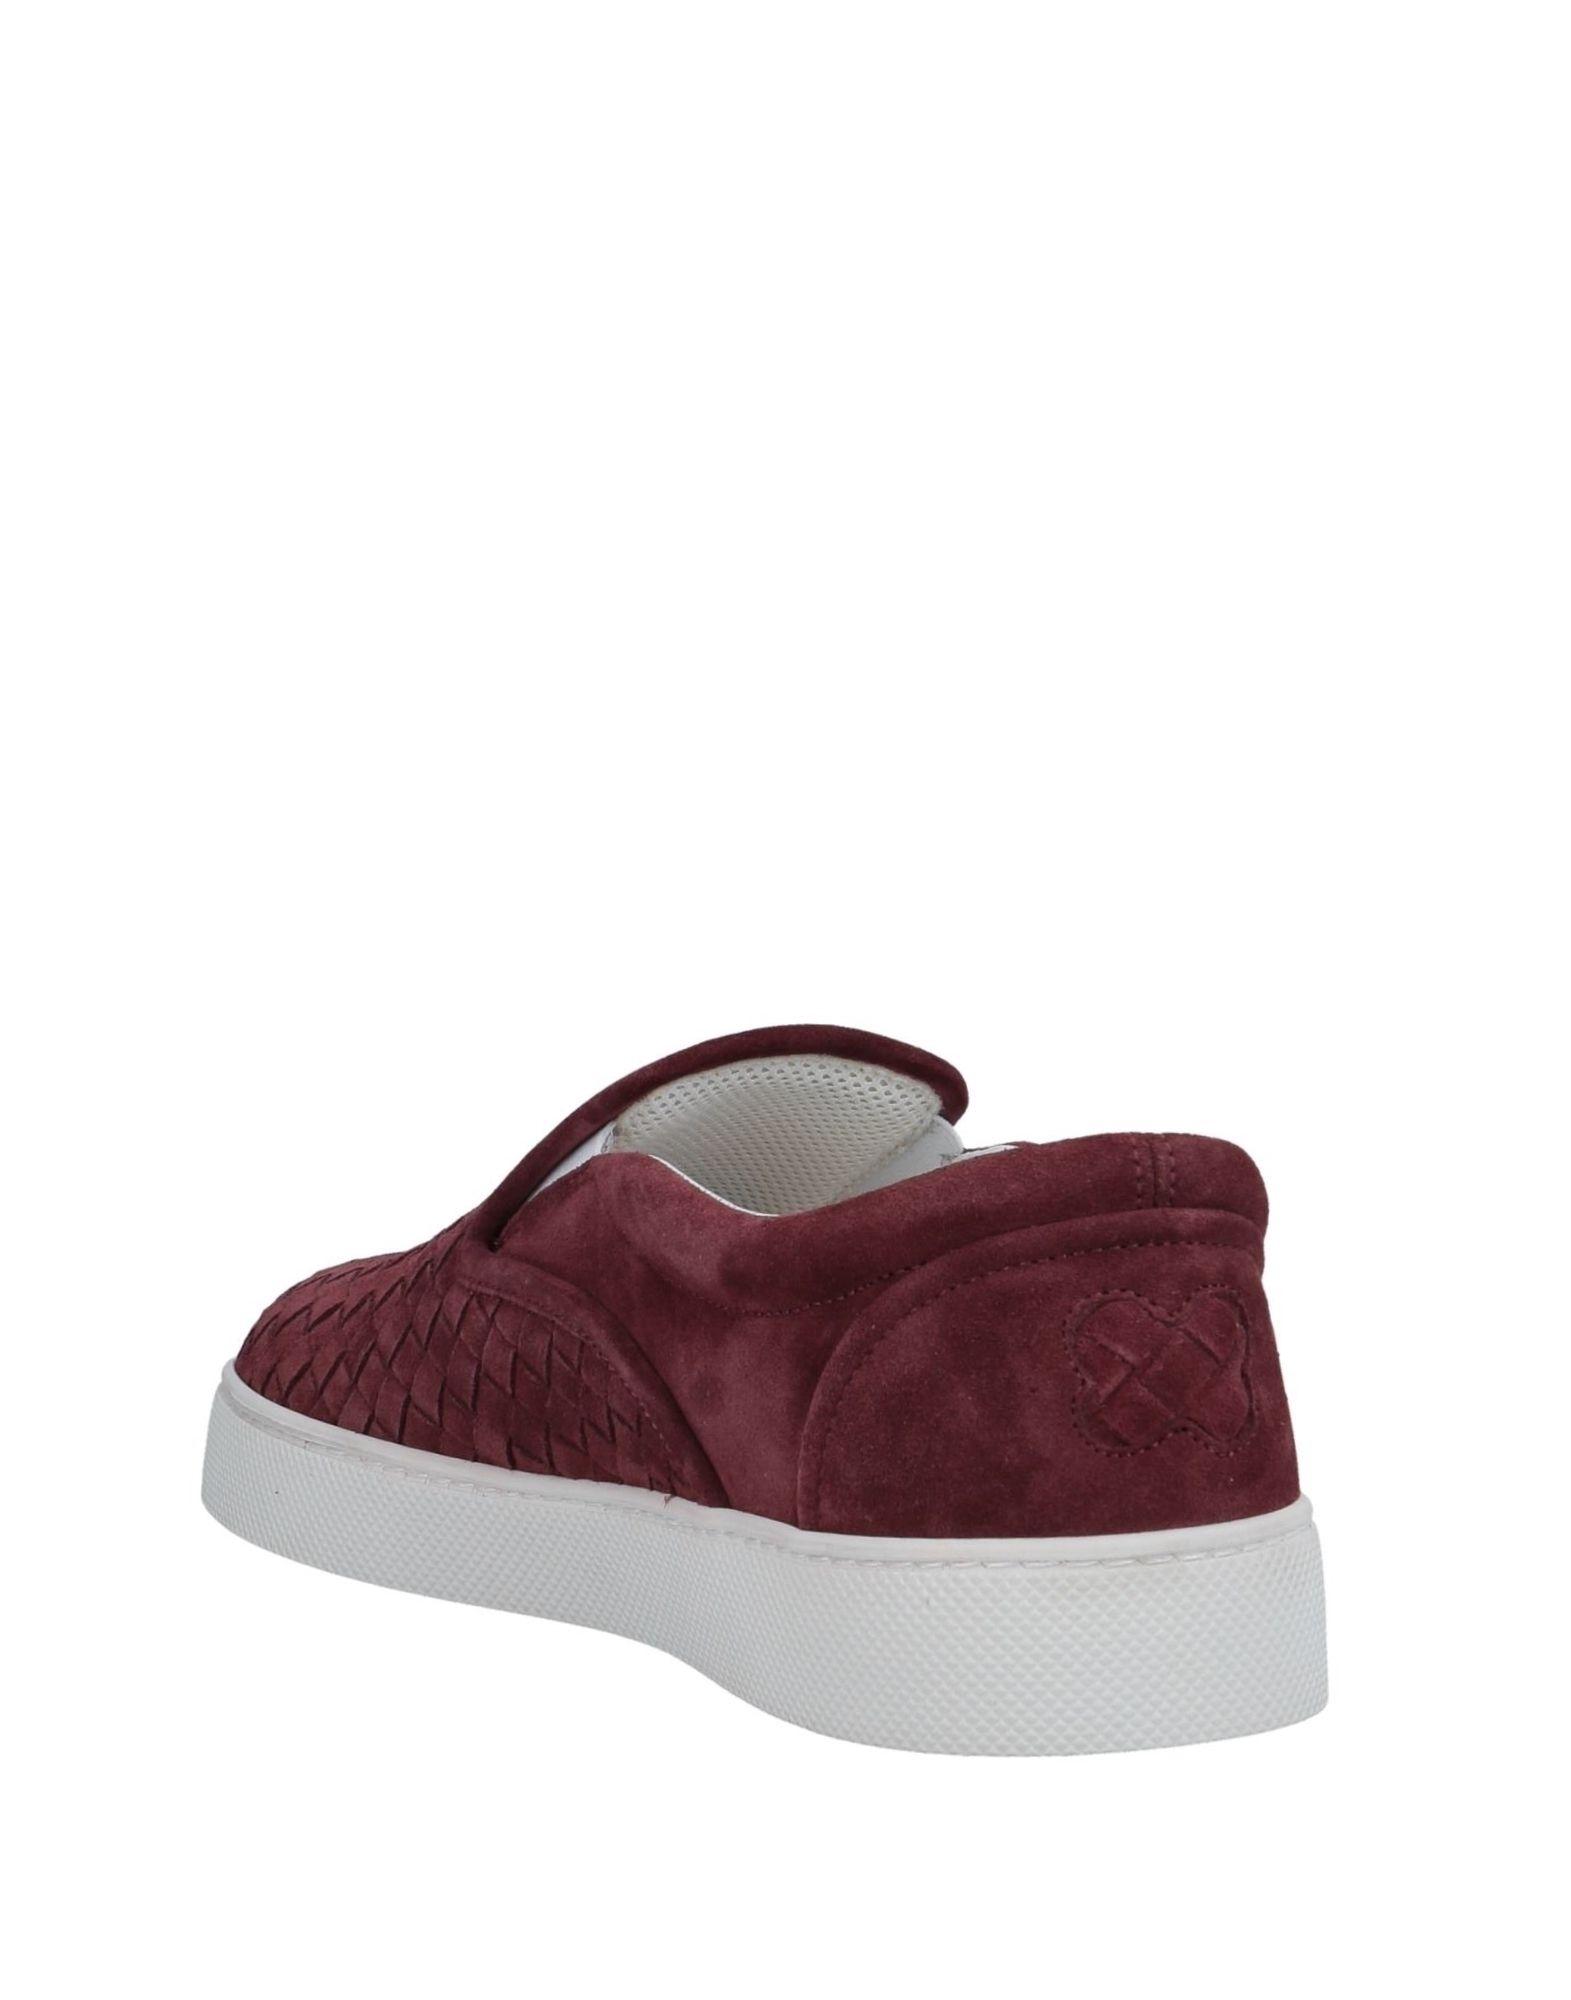 Bottega Veneta Sneakers Herren  11127889XU Gute Qualität beliebte Schuhe Schuhe beliebte 463229